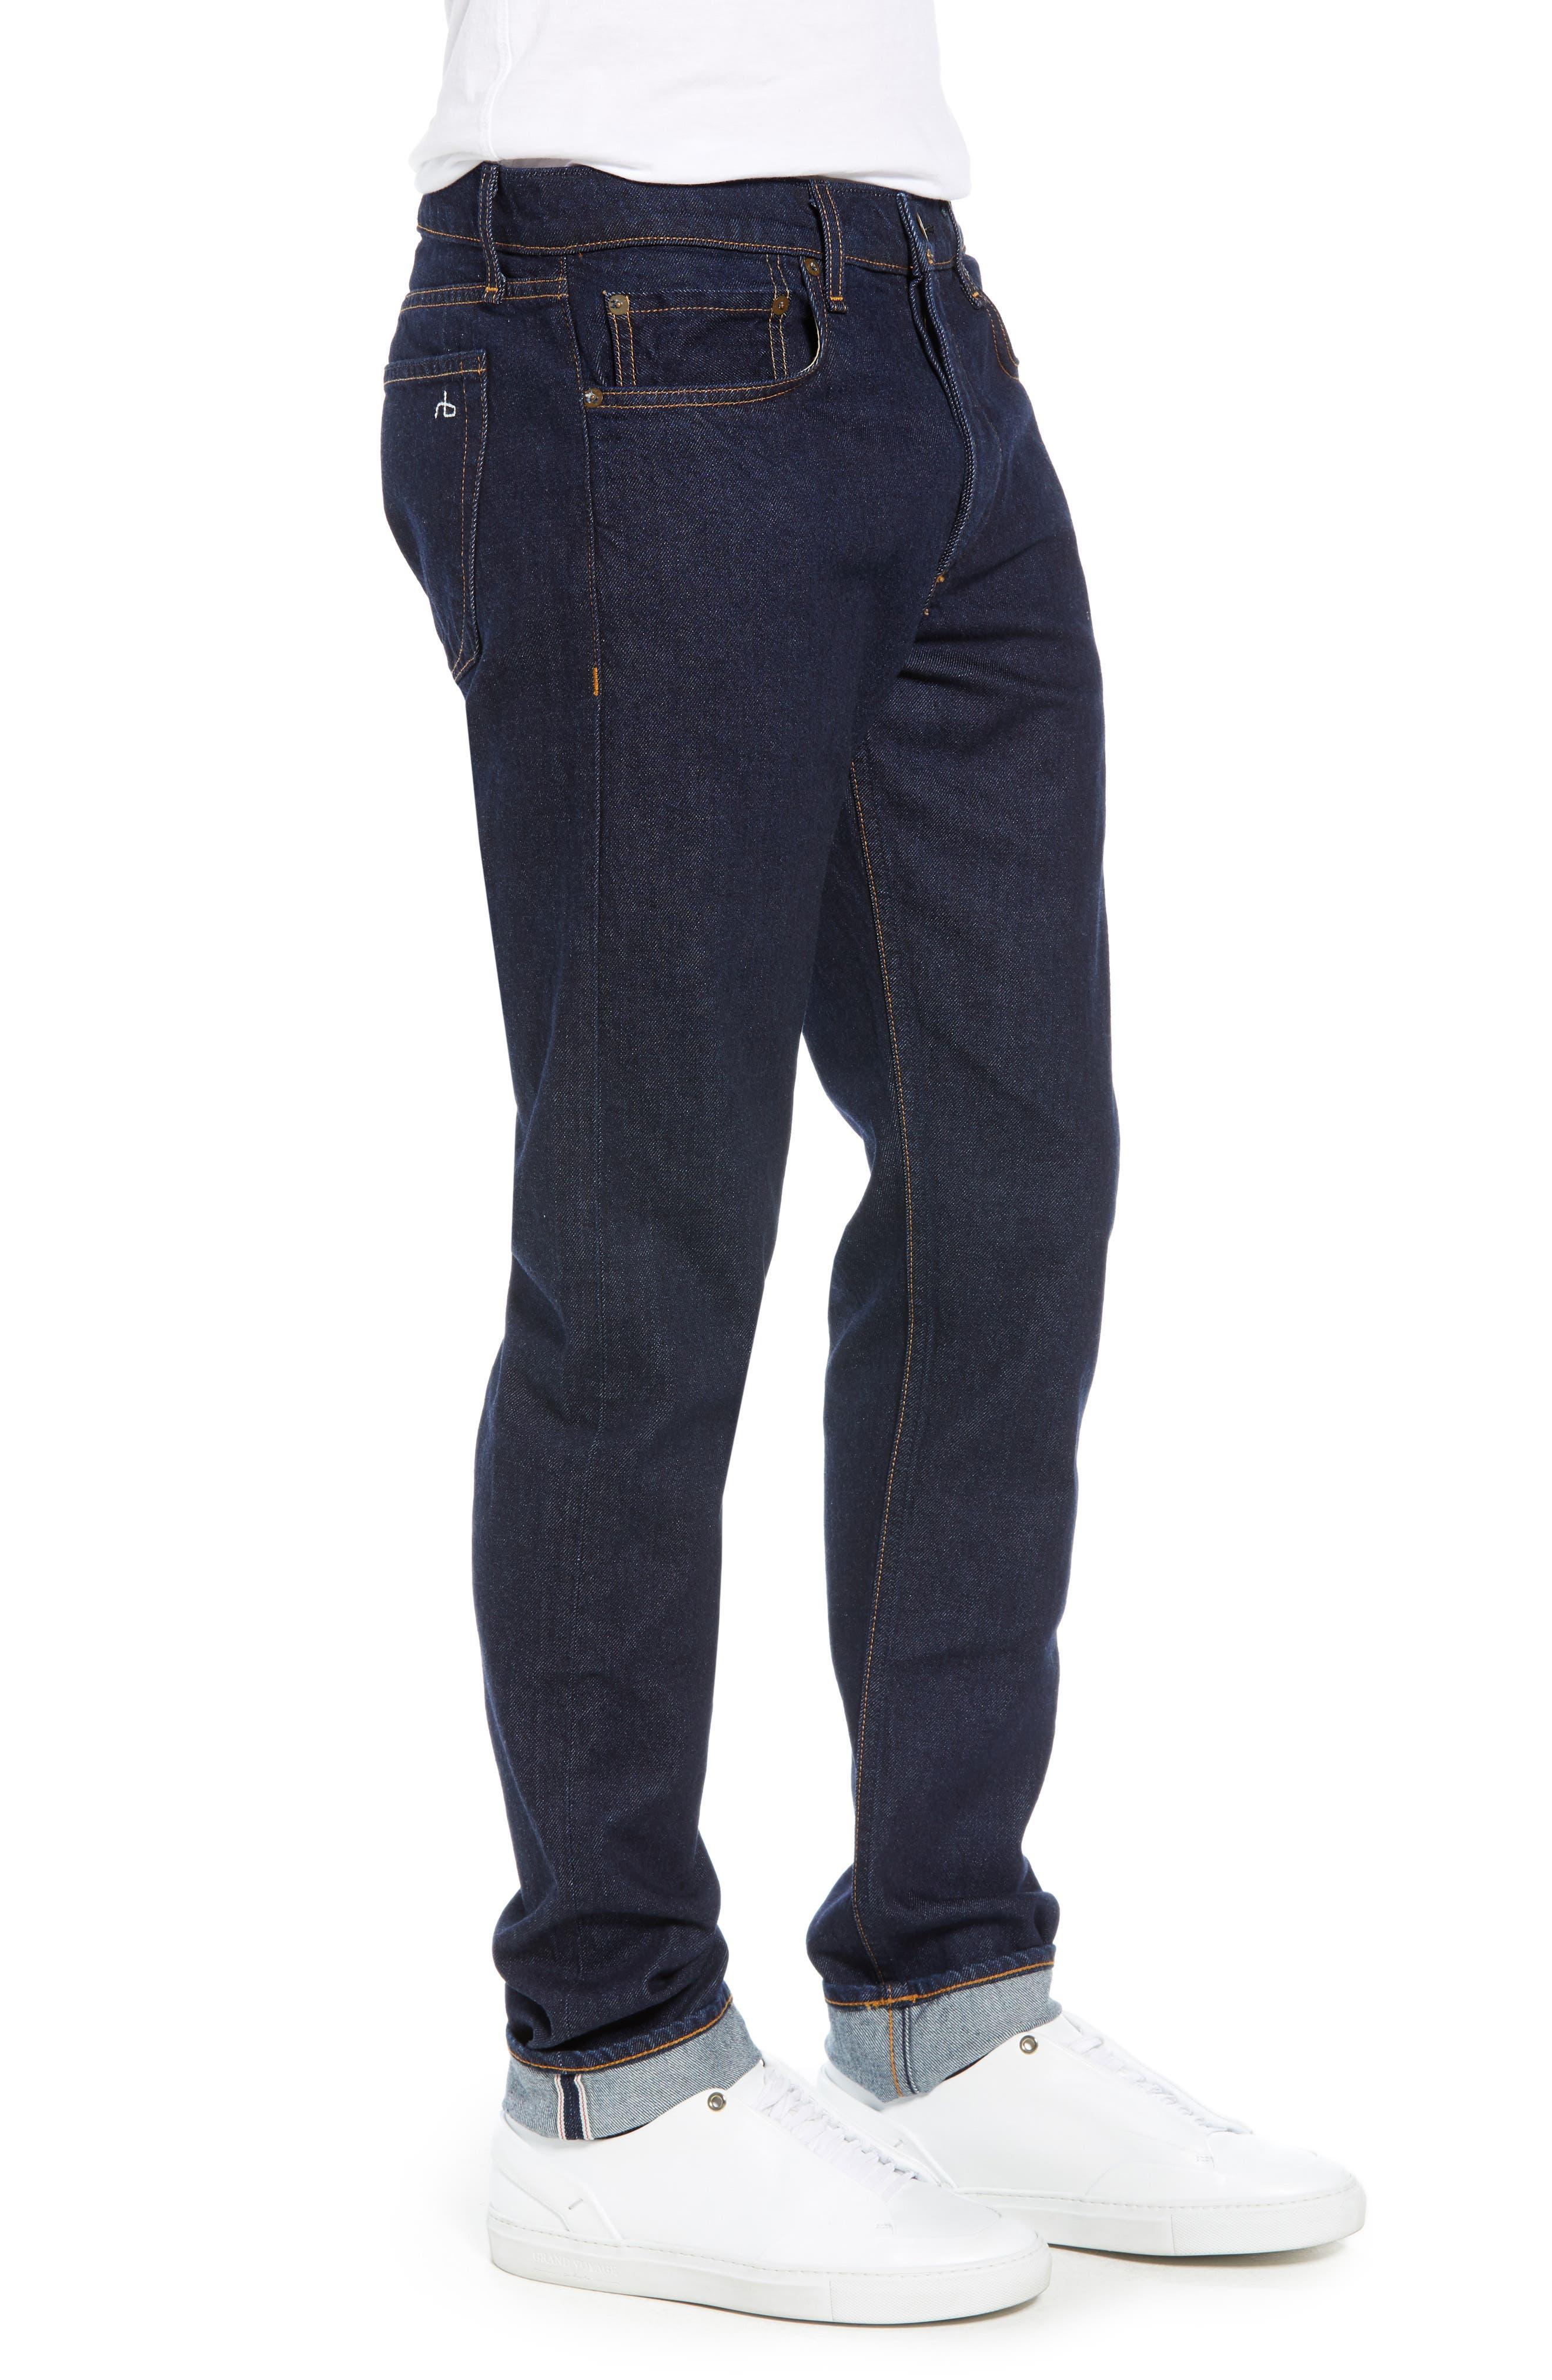 Fit 2 Slim Fit Jeans,                             Alternate thumbnail 3, color,                             420